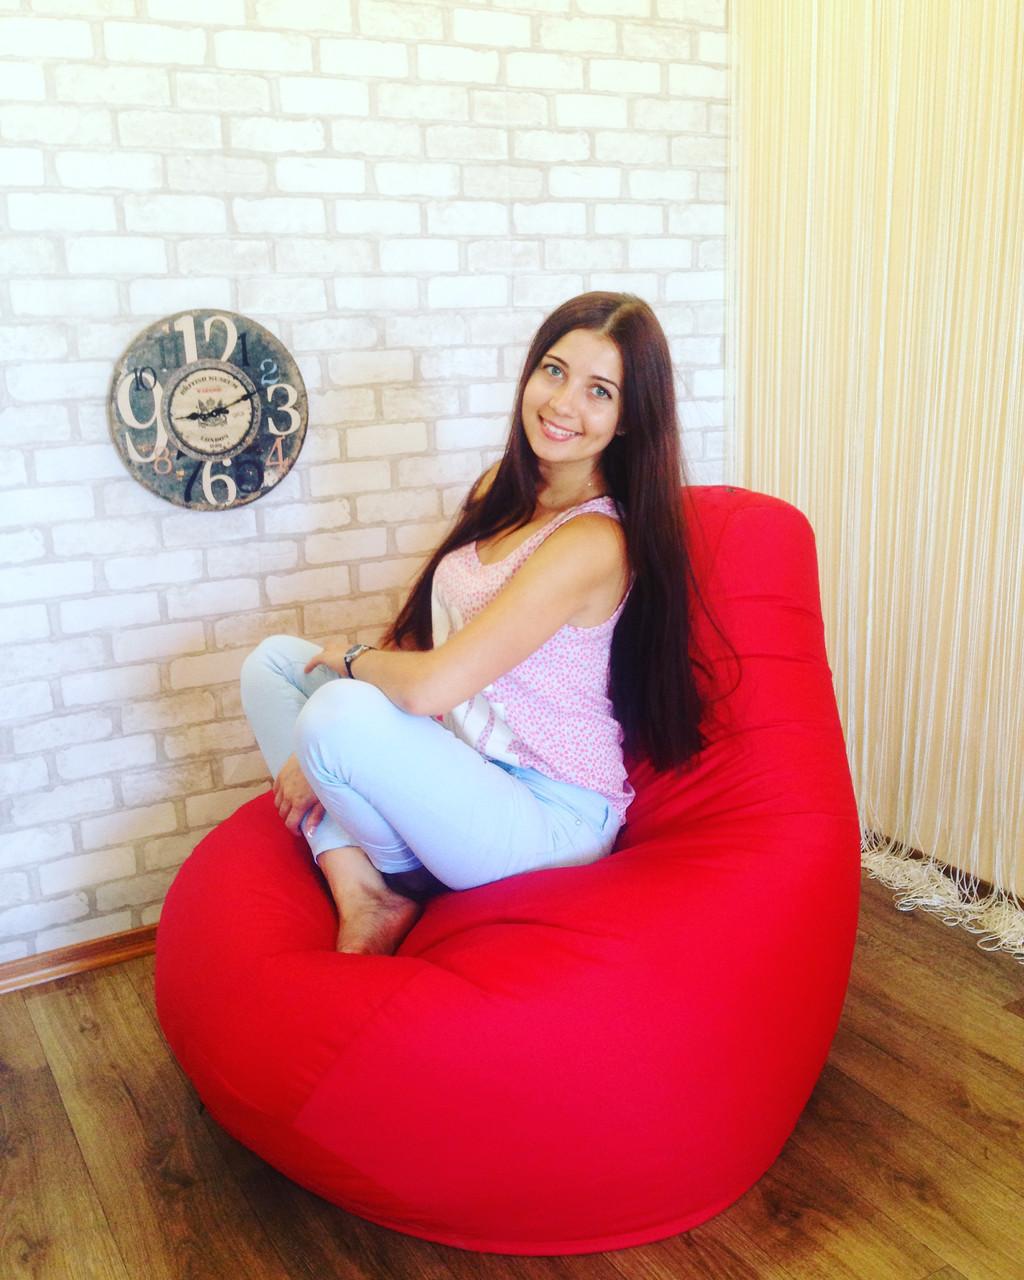 Кресло Мешок, бескаркасное кресло Груша ХХЛ, красный